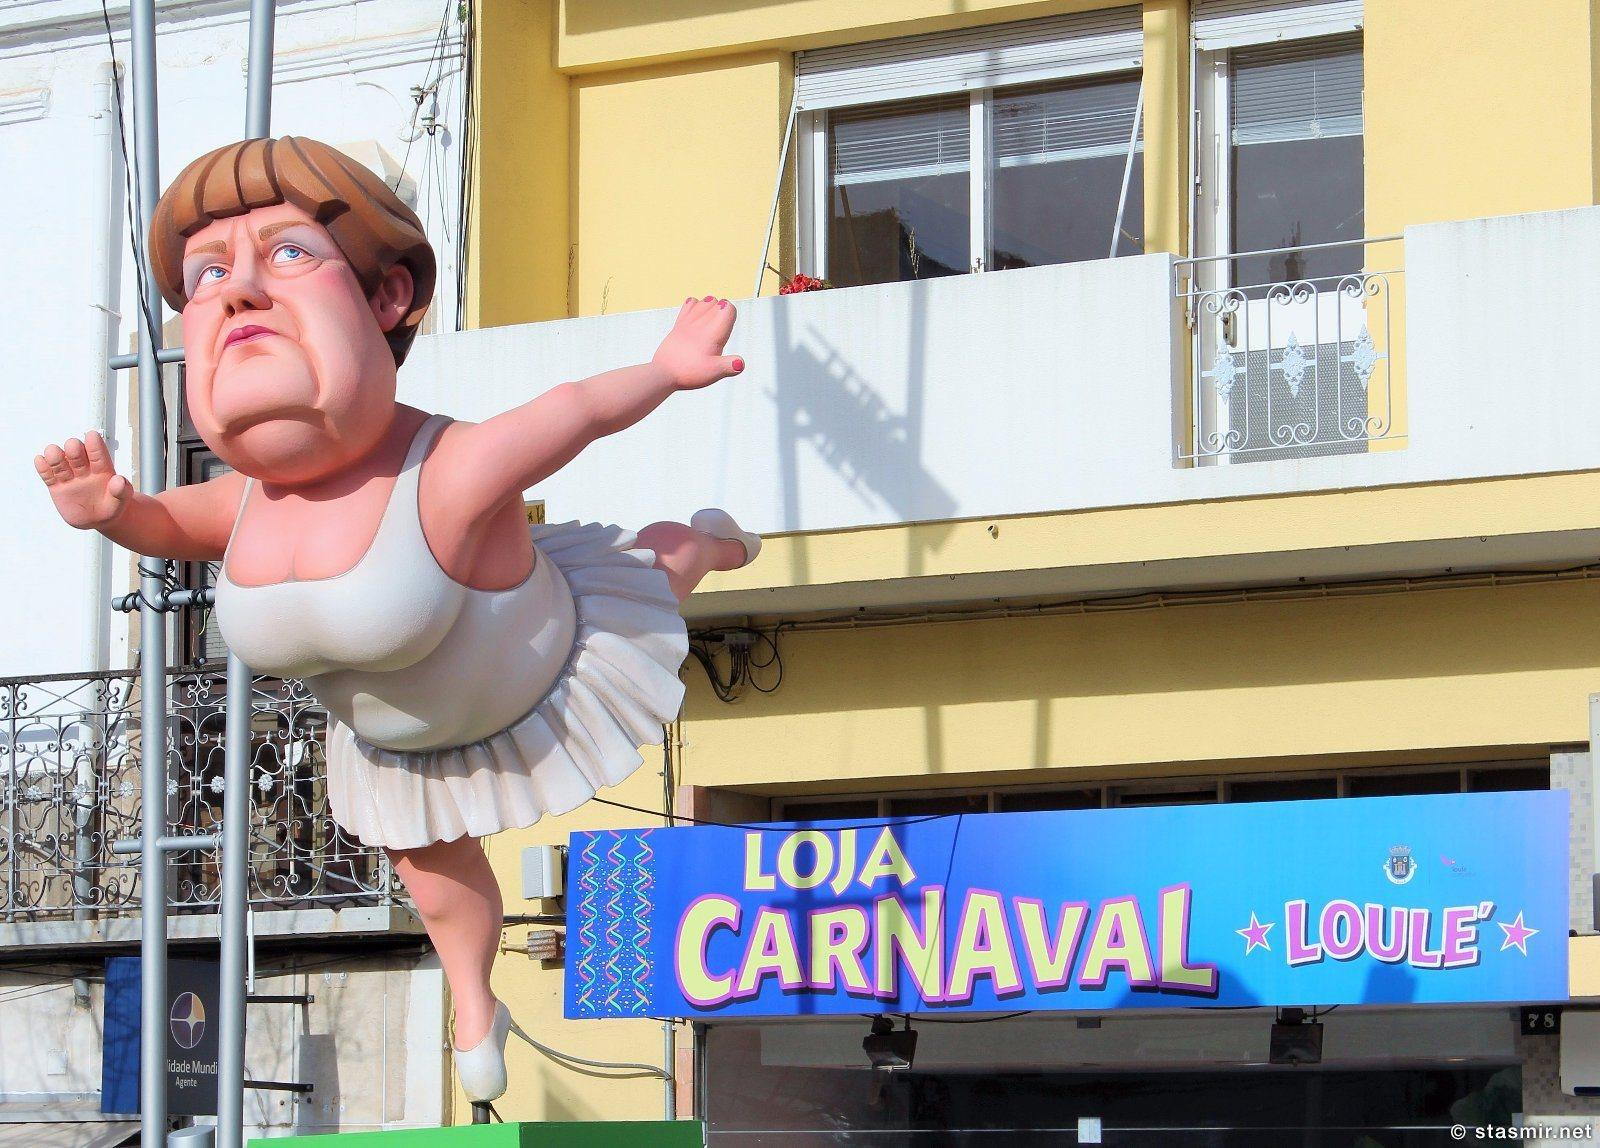 Ангела Меркель на карнавале в Луле, Loule, Португалия, фото Стасмир, photo Stasmir